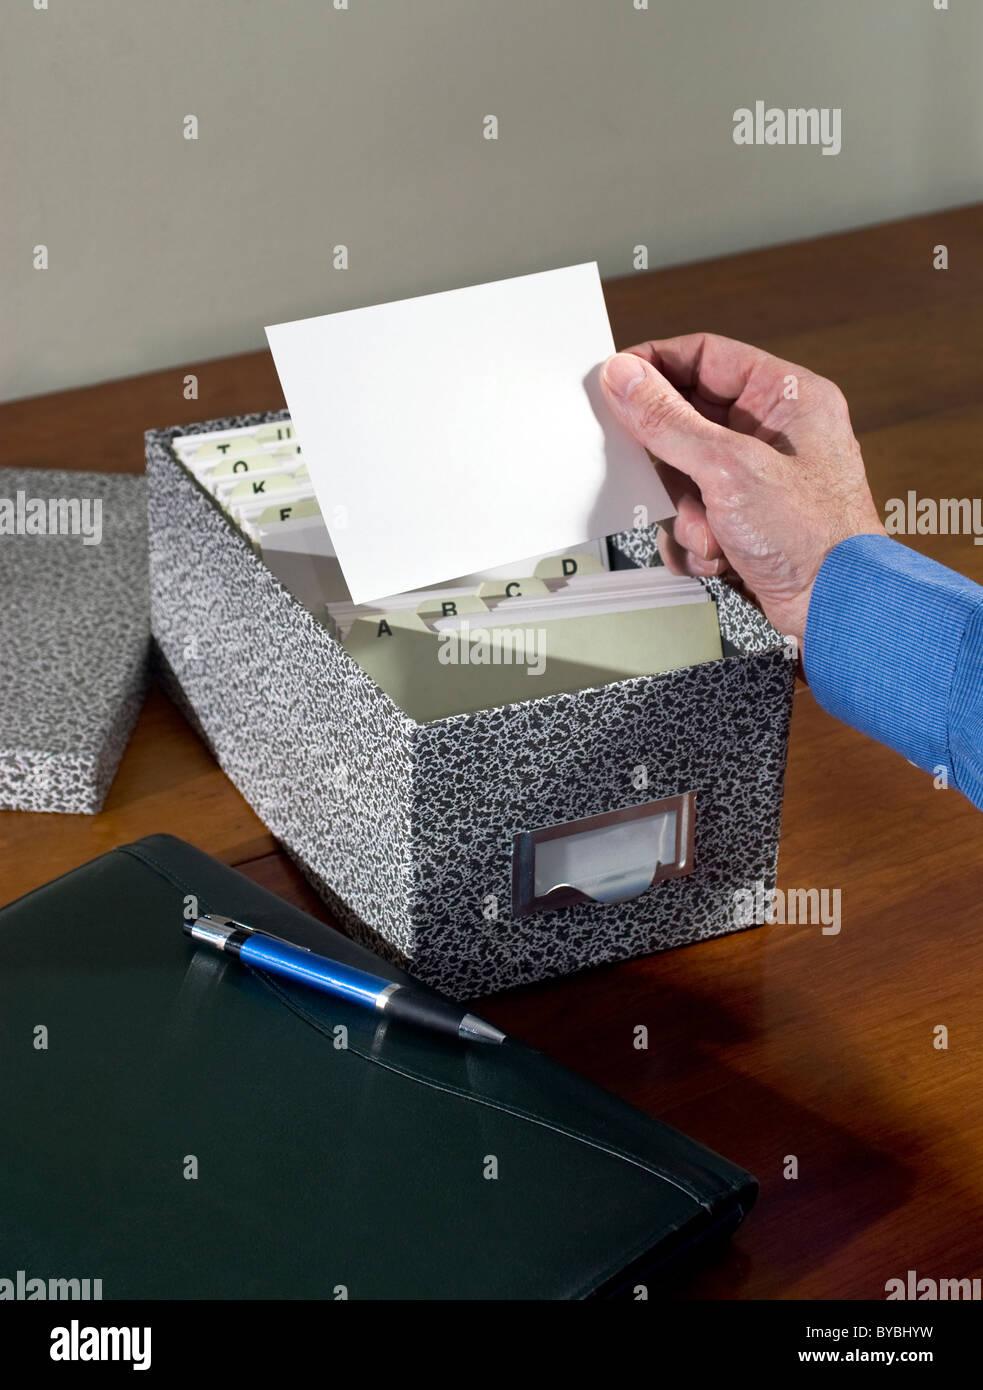 Man Betrieb leere Karteikarte Stockbild